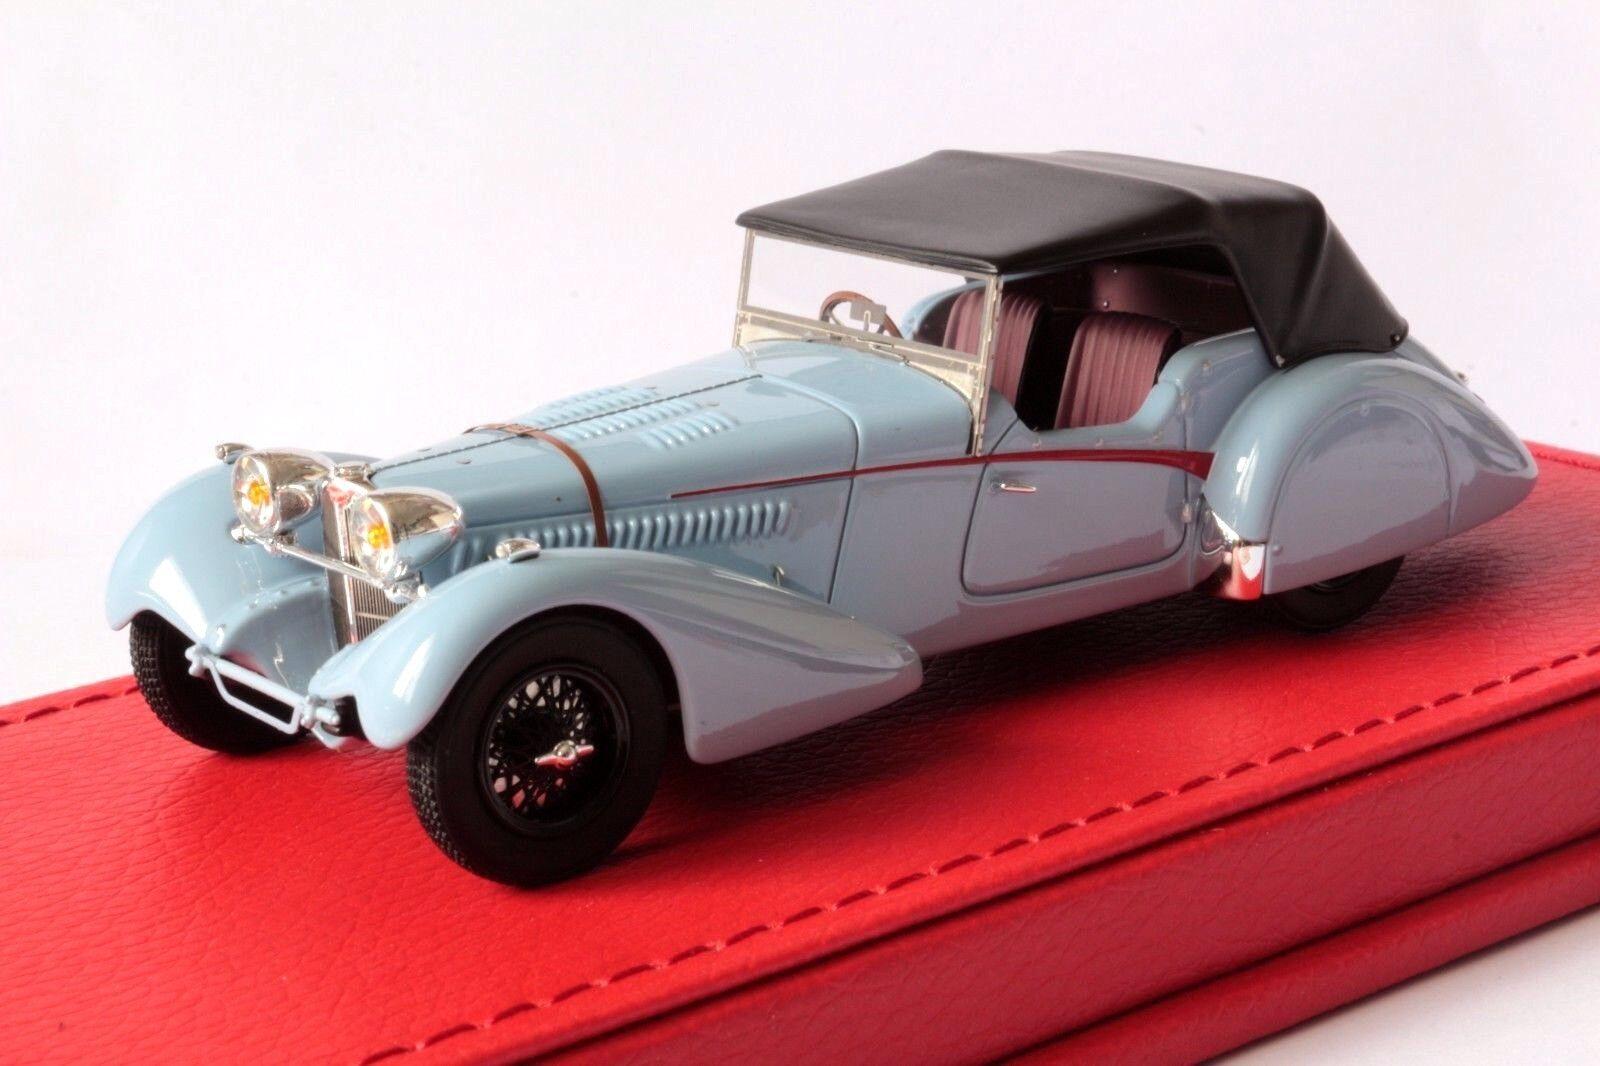 Bugadi t57sc Vanden plas roadster 1937, 35repas 57541 original 1   43 evrat edición limitada.Antes de